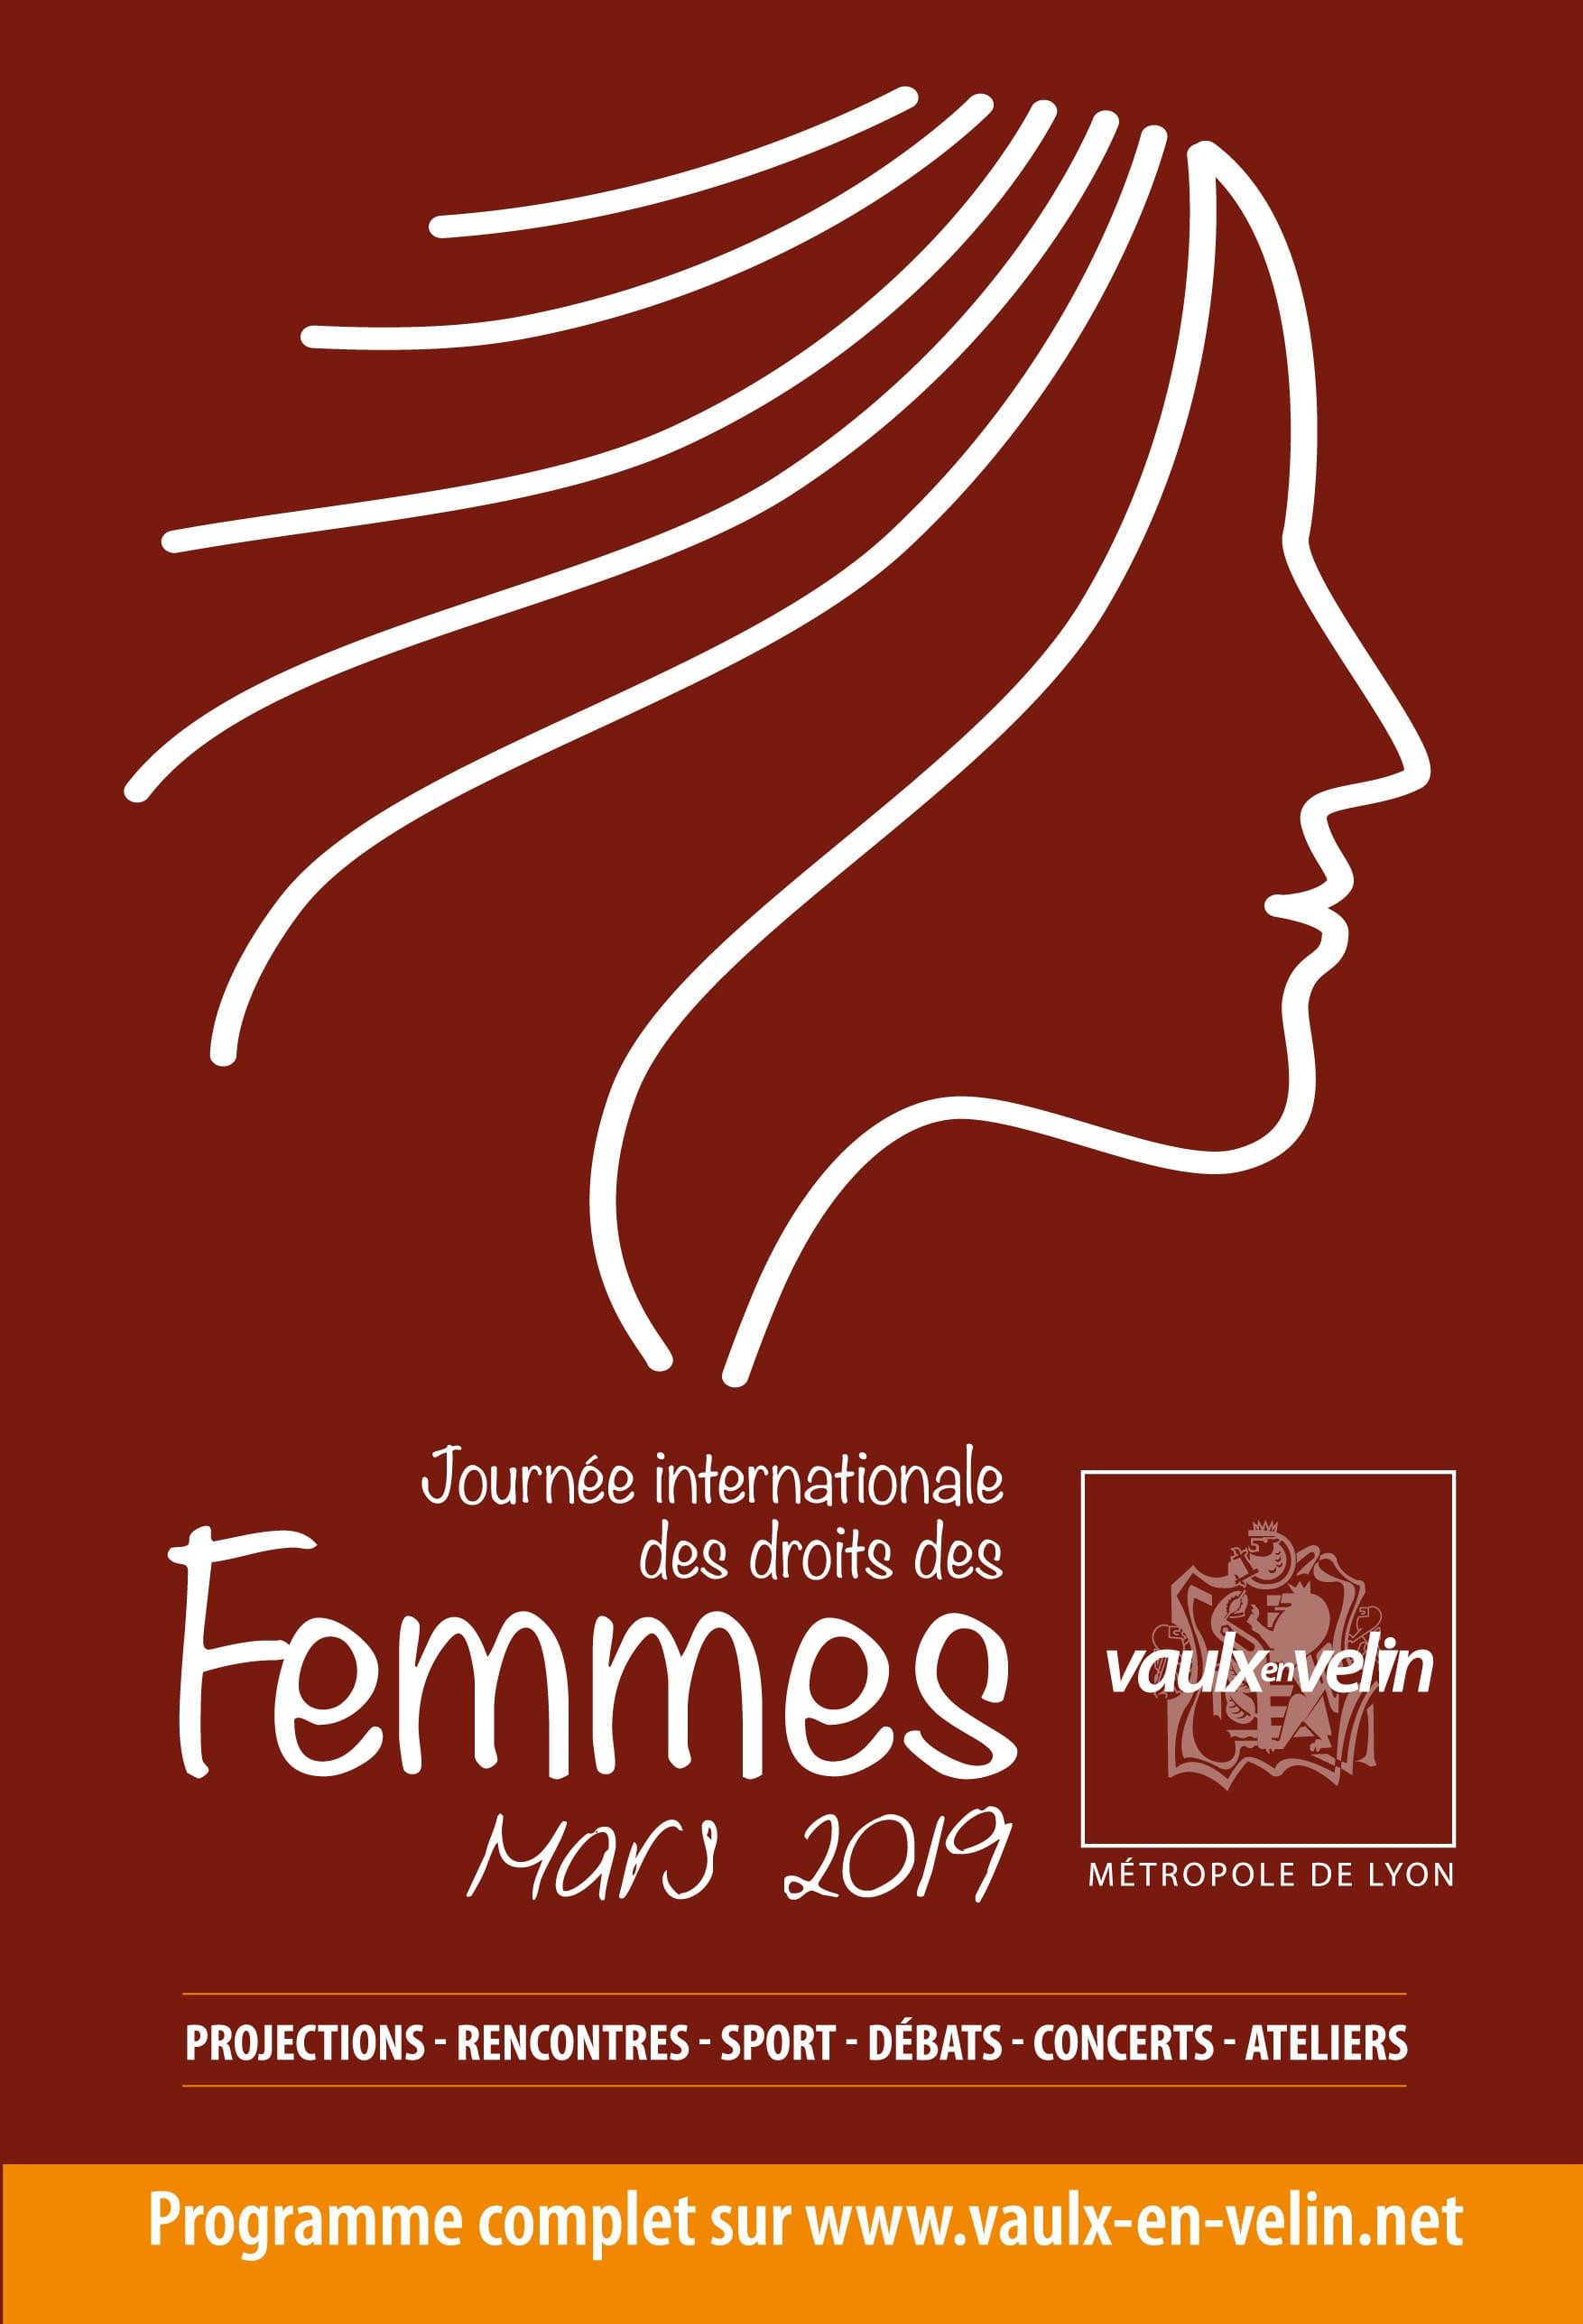 association droit des femmes lyon